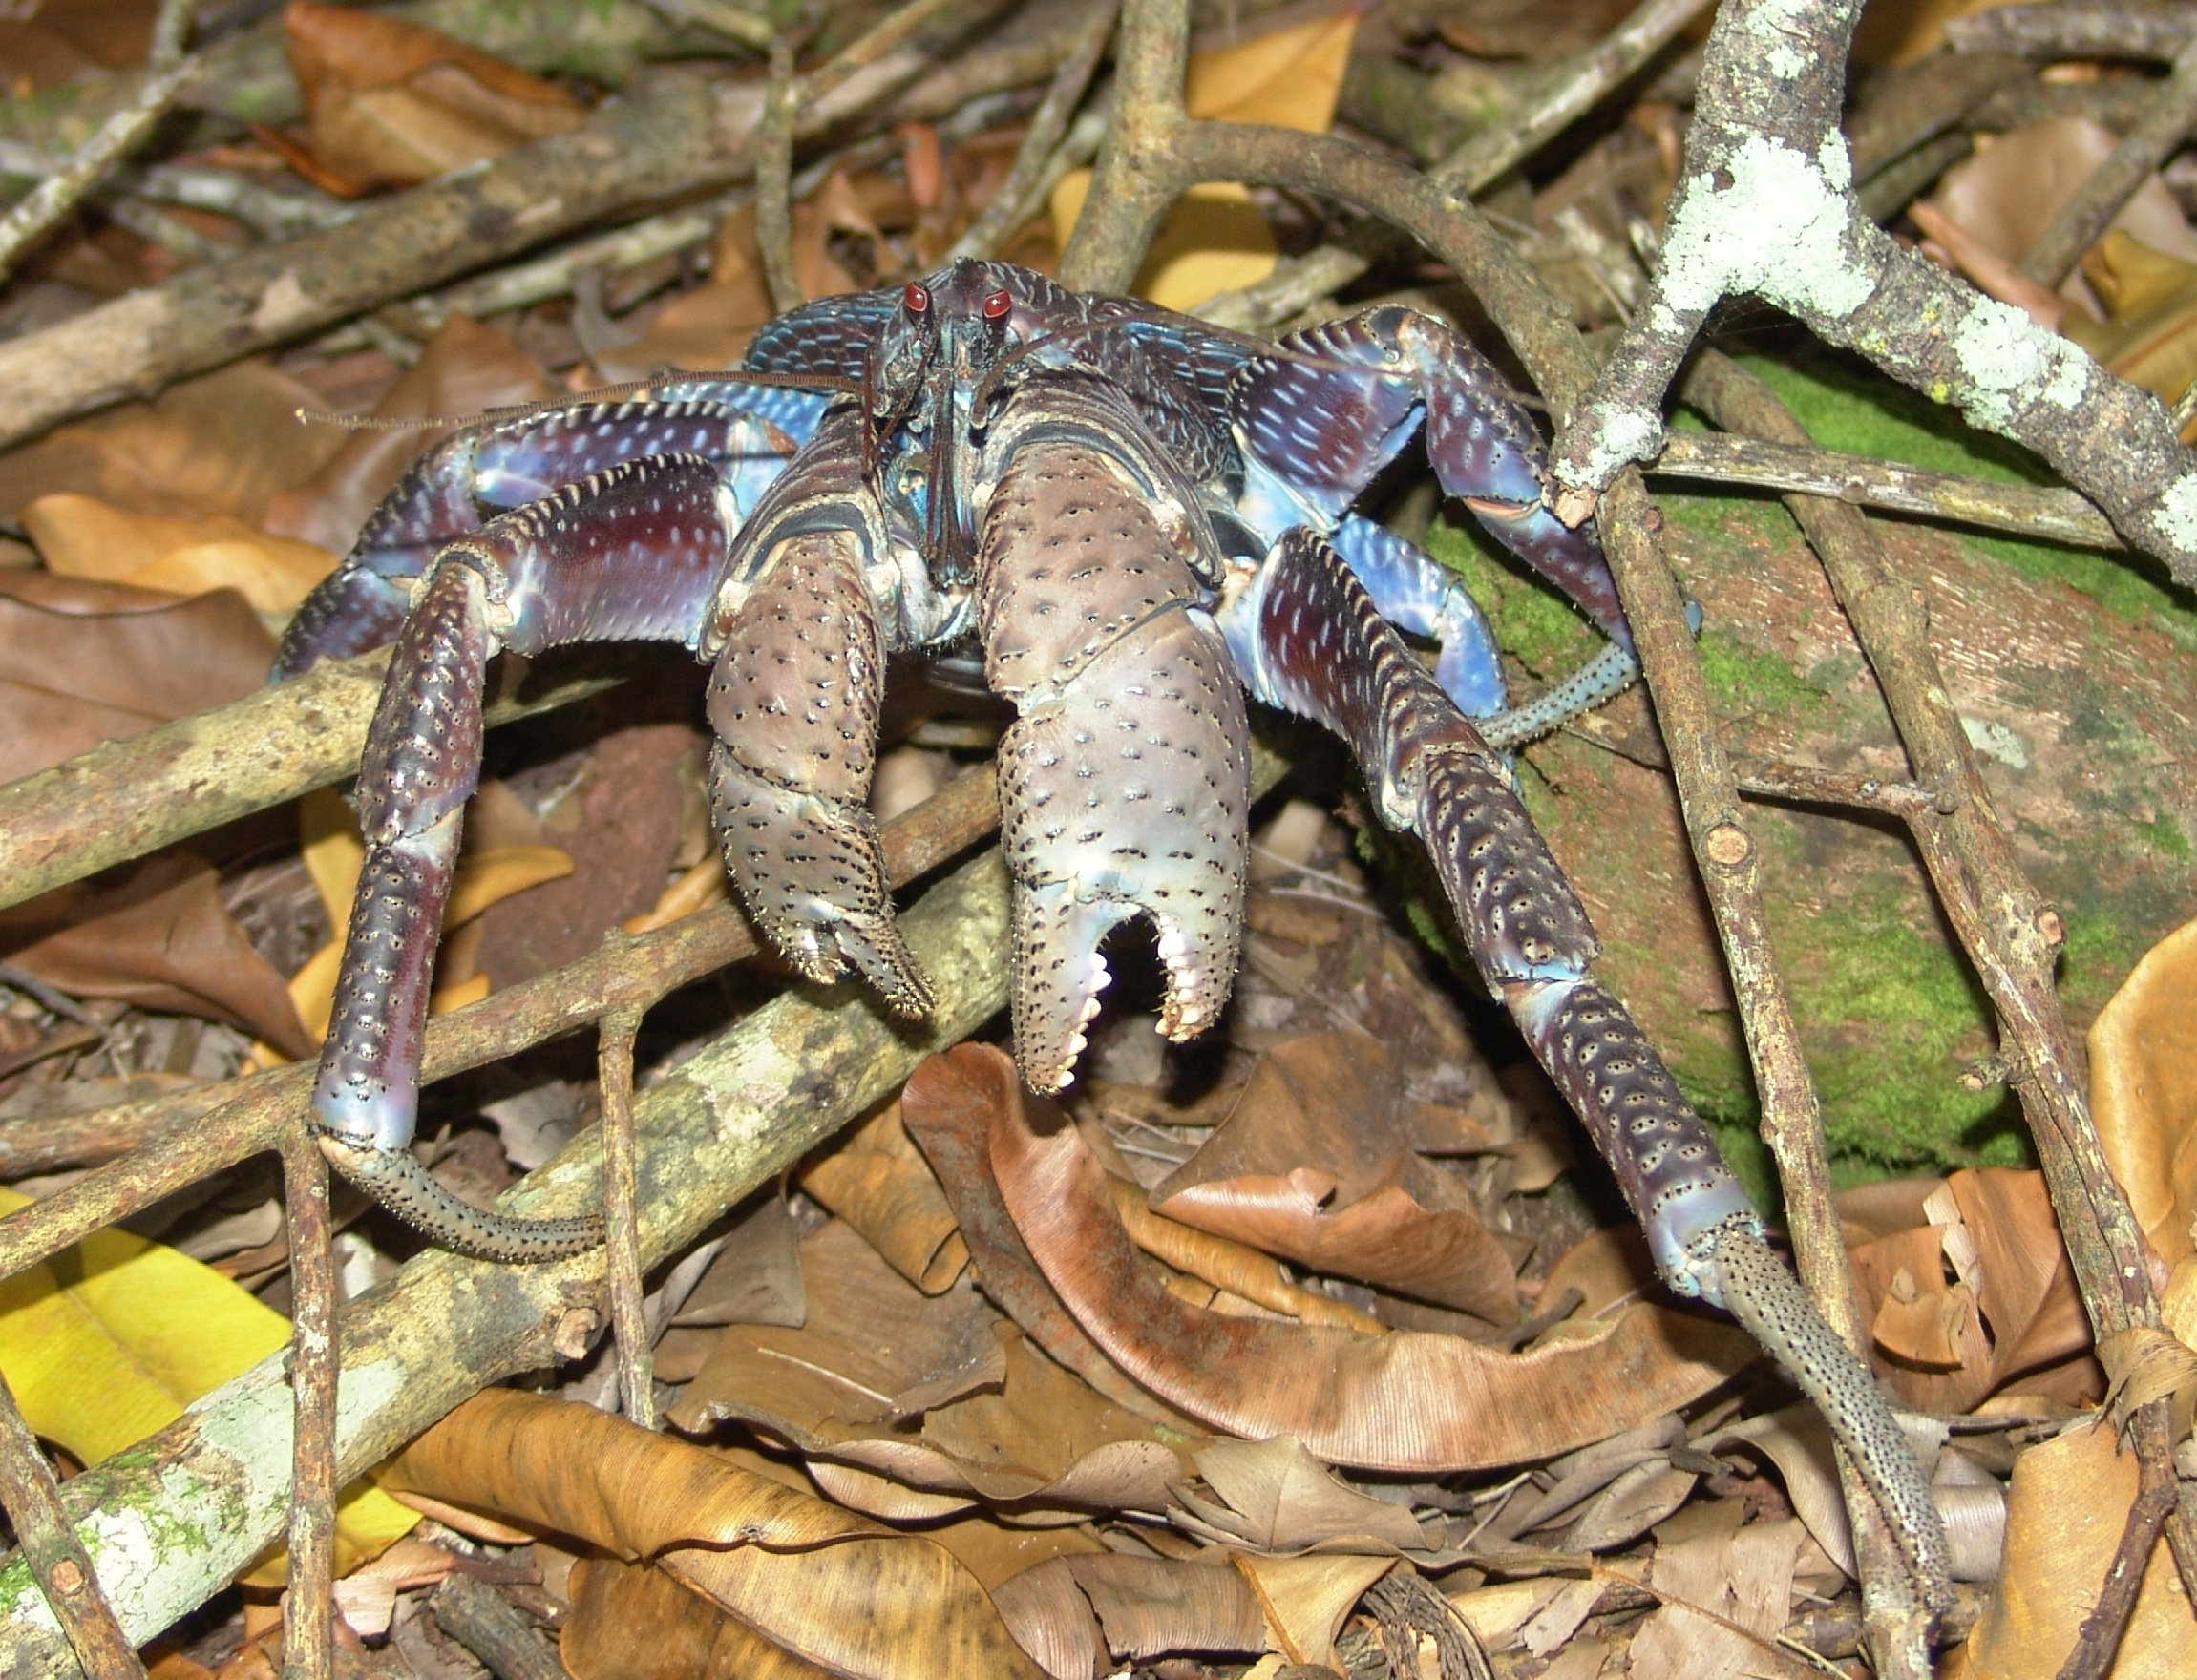 filecoconut crab birgus latro 1 4091437676jpg